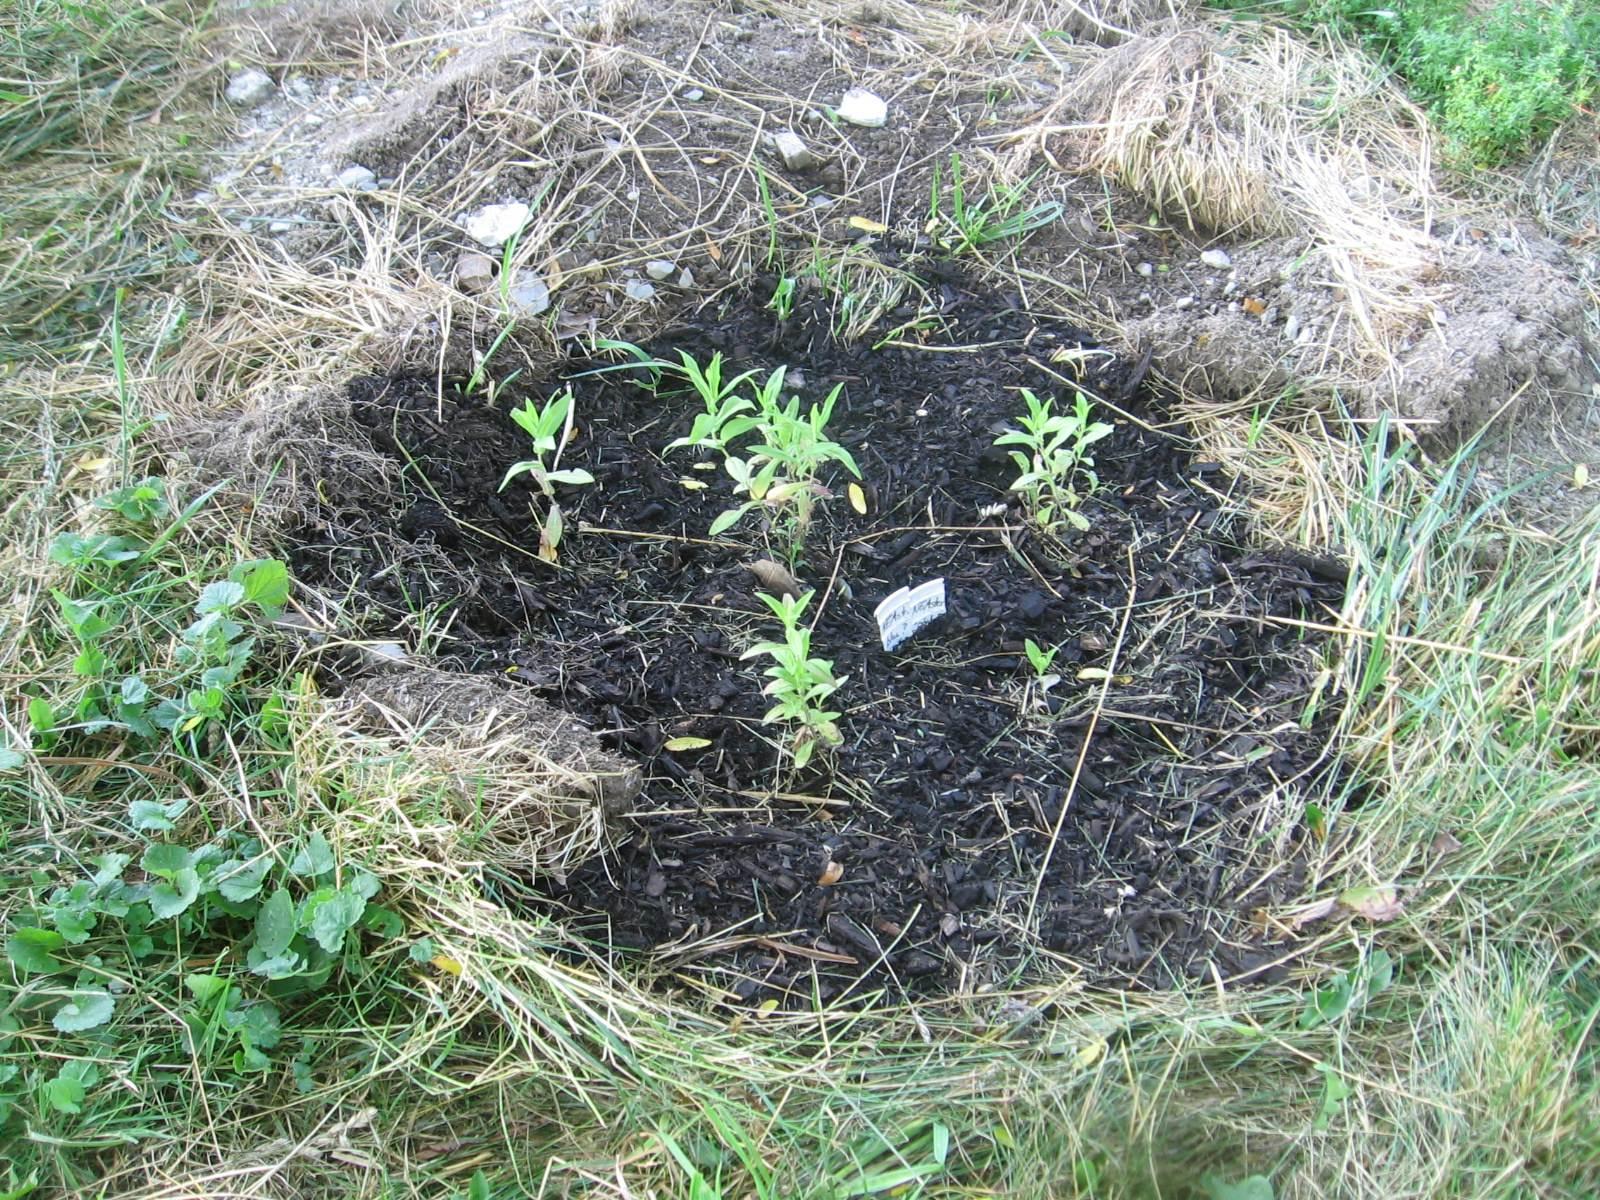 New England Aster (Symphyotrichum noveboracensis) seedlings